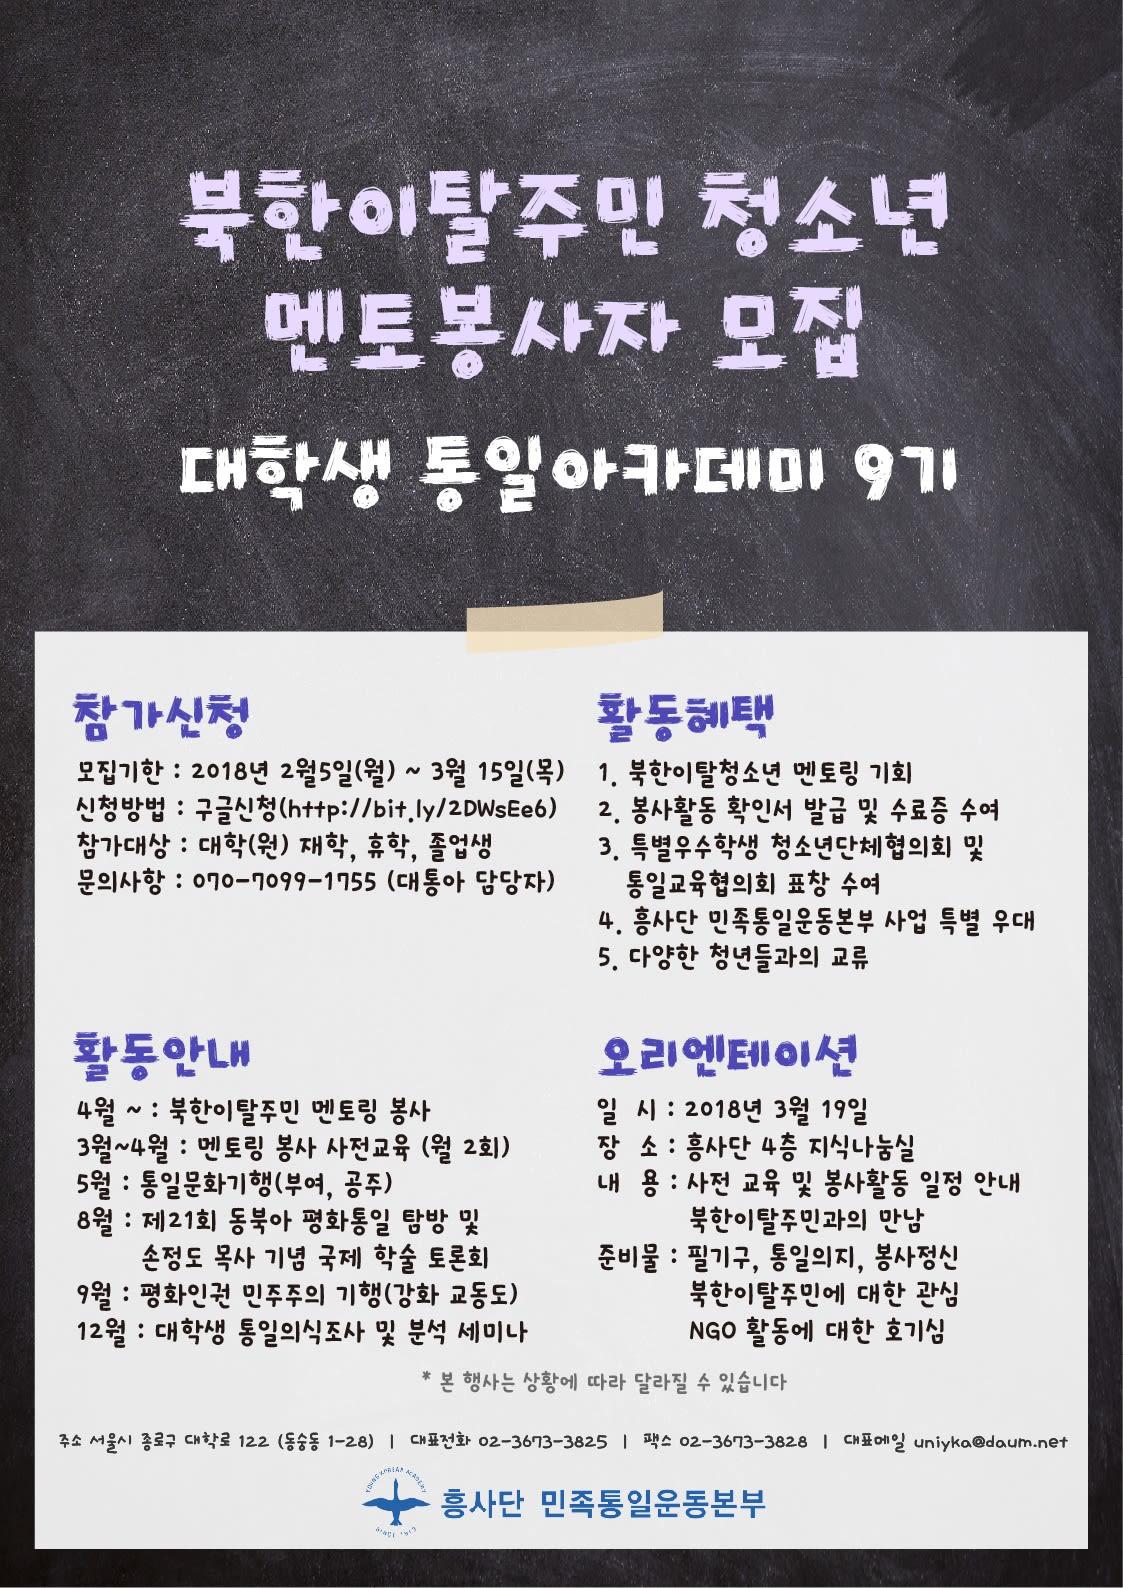 [흥사단민족통일운동본부] 북한이탈주민 청소년 멘토봉사자 모집(대학생통일아카데미)